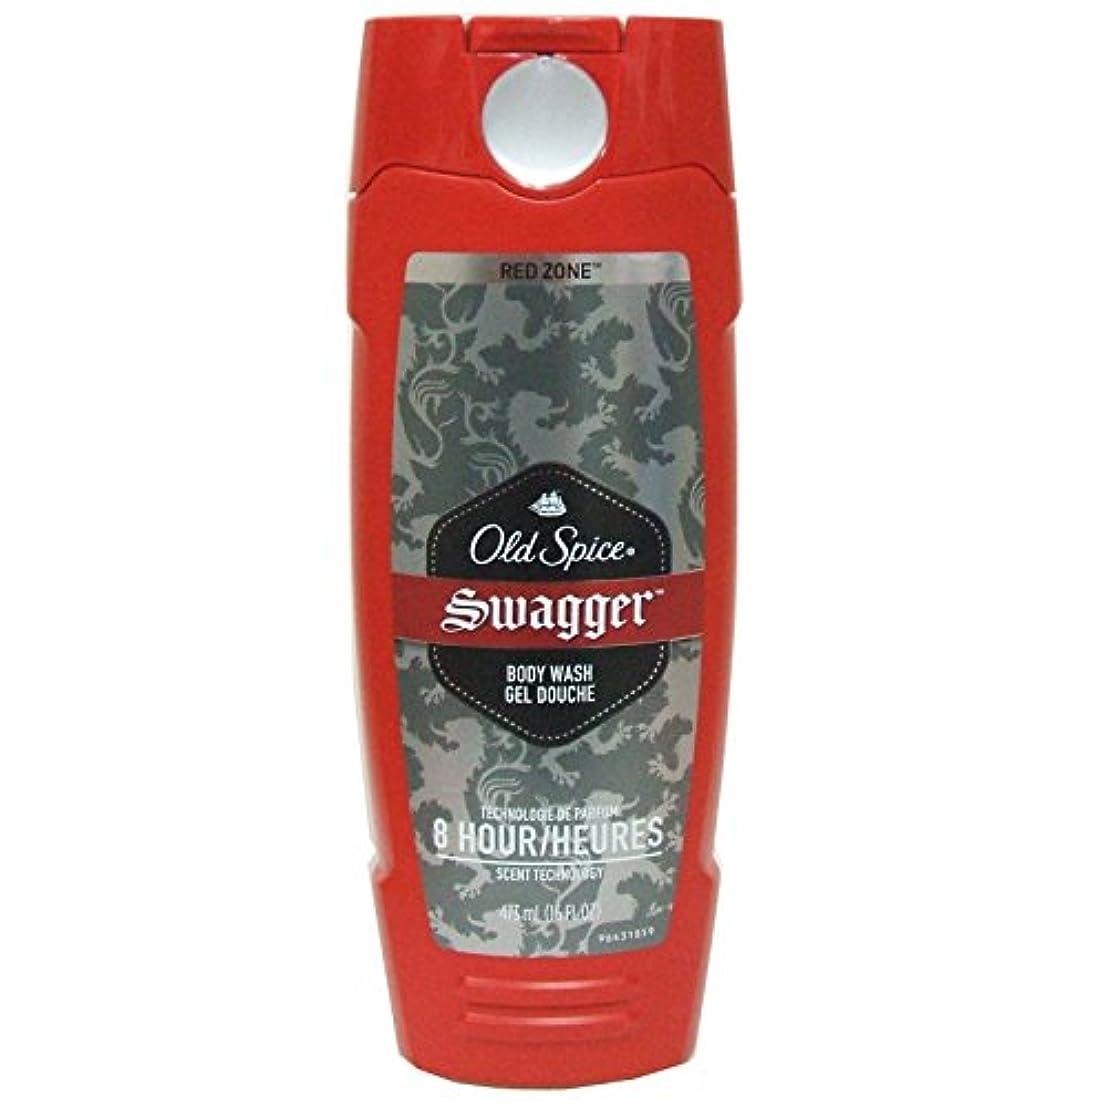 ライフル優れました初期Old Spice オールドスパイス Red Zone Body Wash Swagger GEL 473ml [並行輸入品]